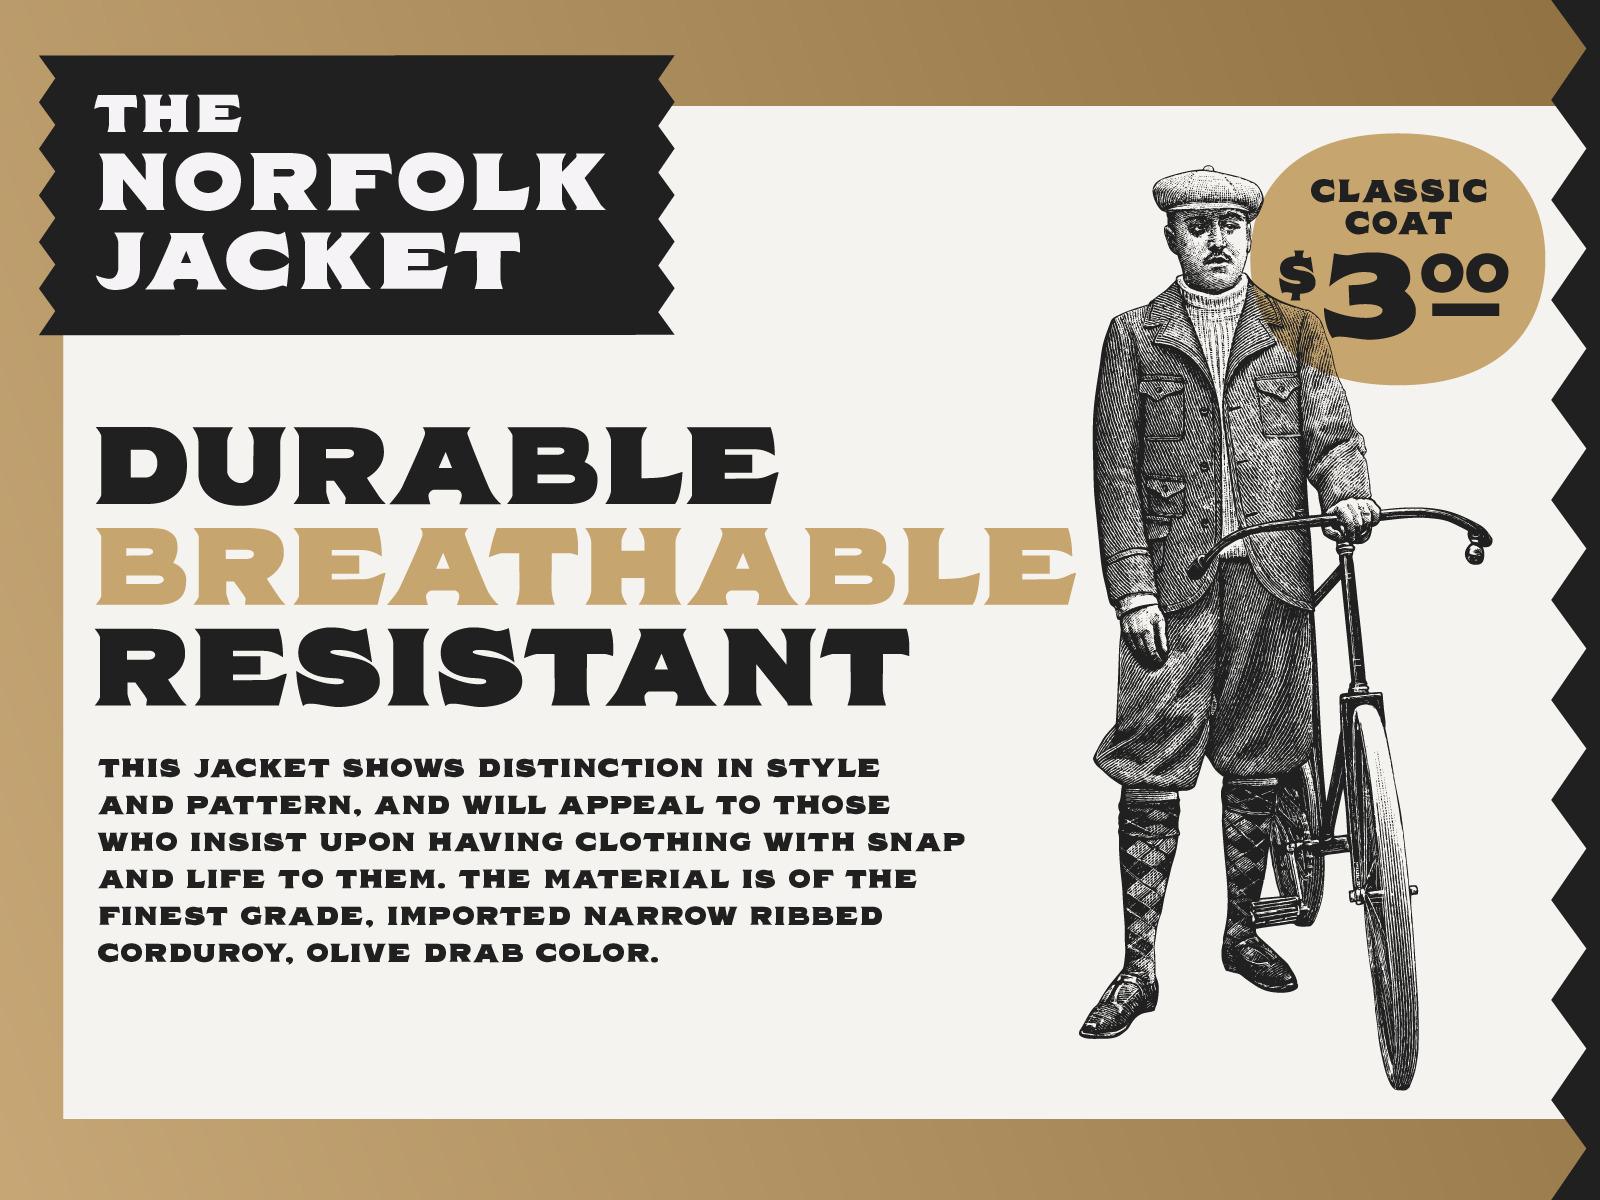 Norfolk - Vintage Display Font